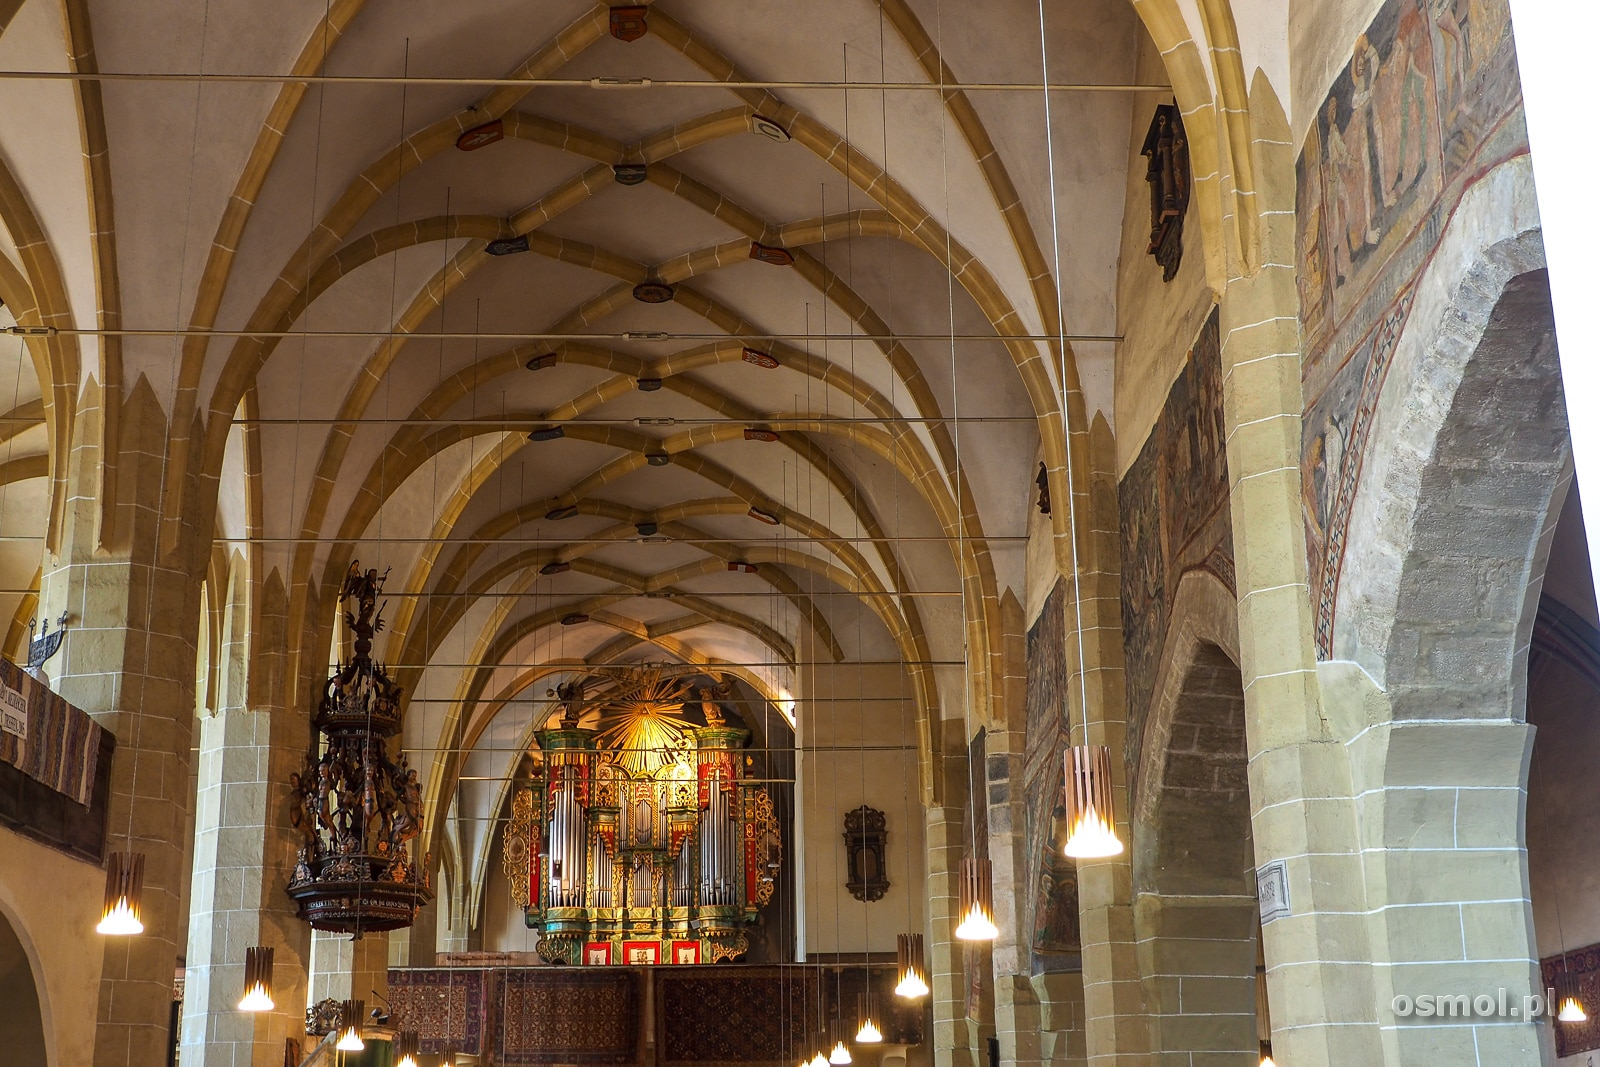 Organy w kościele św. Małgorzaty w Medias.